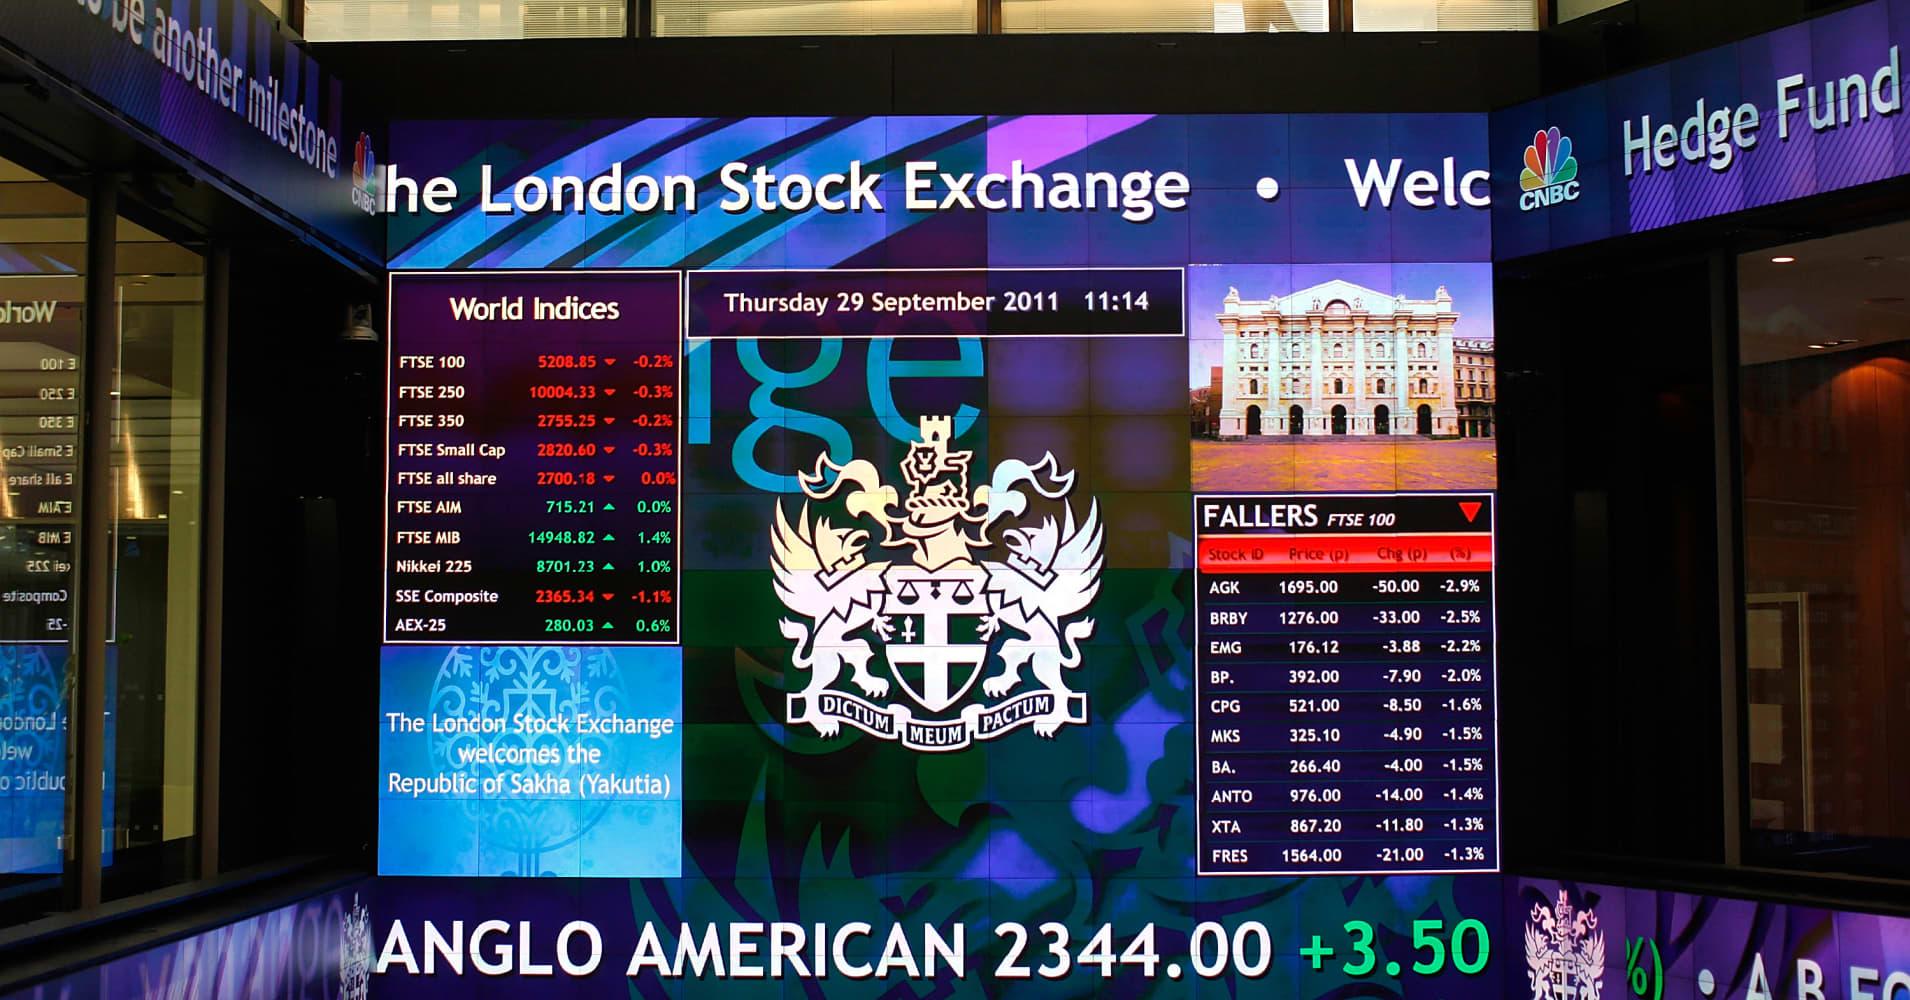 Stocks, ftse 250 e, ftse 250 index, berendsen plc, ds smith plc, howden joinery group plc, interserve plc, ftse